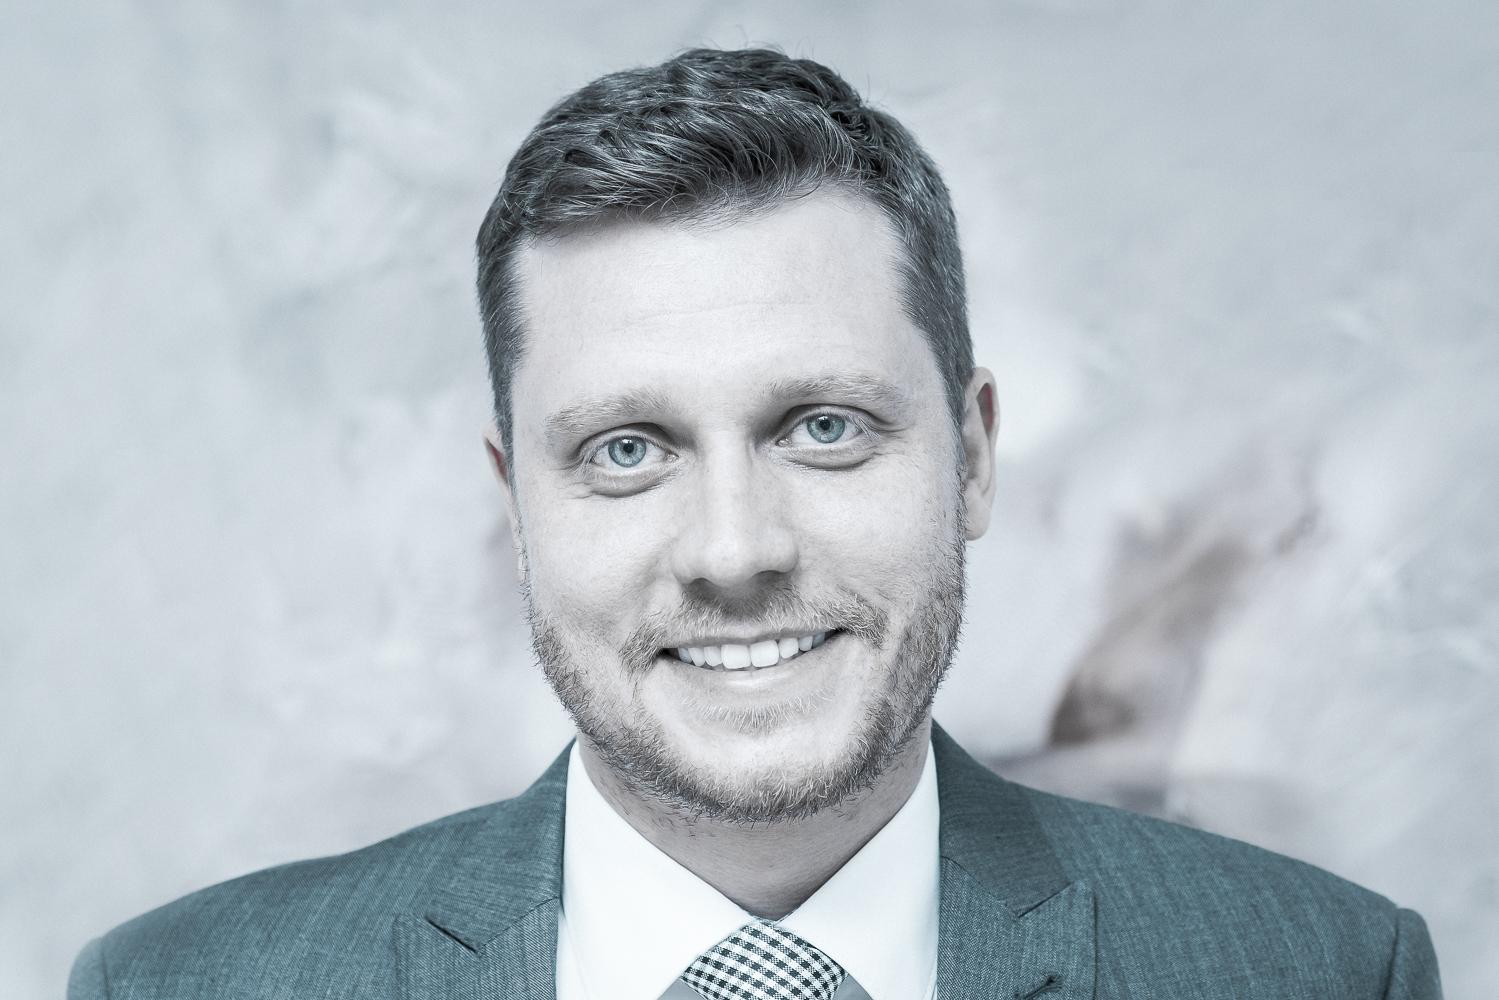 Адвокаты Бартель в Кёльне и Бергхайме, Германия - Адвокат Руди Валь.